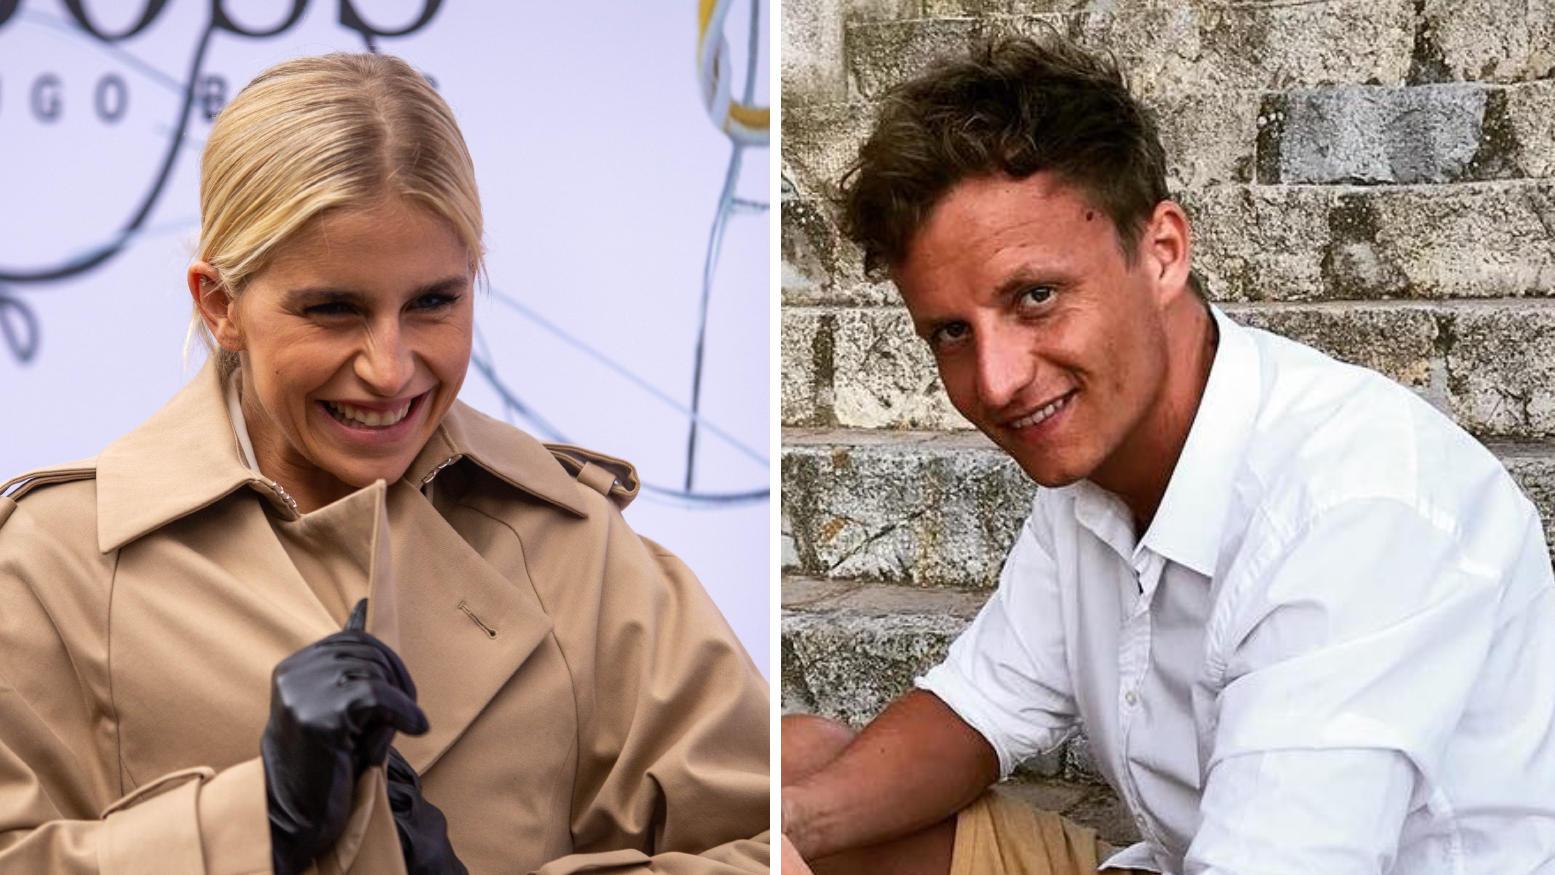 Caro Daur und Tommi Schmitt sollen ein Paar sein.